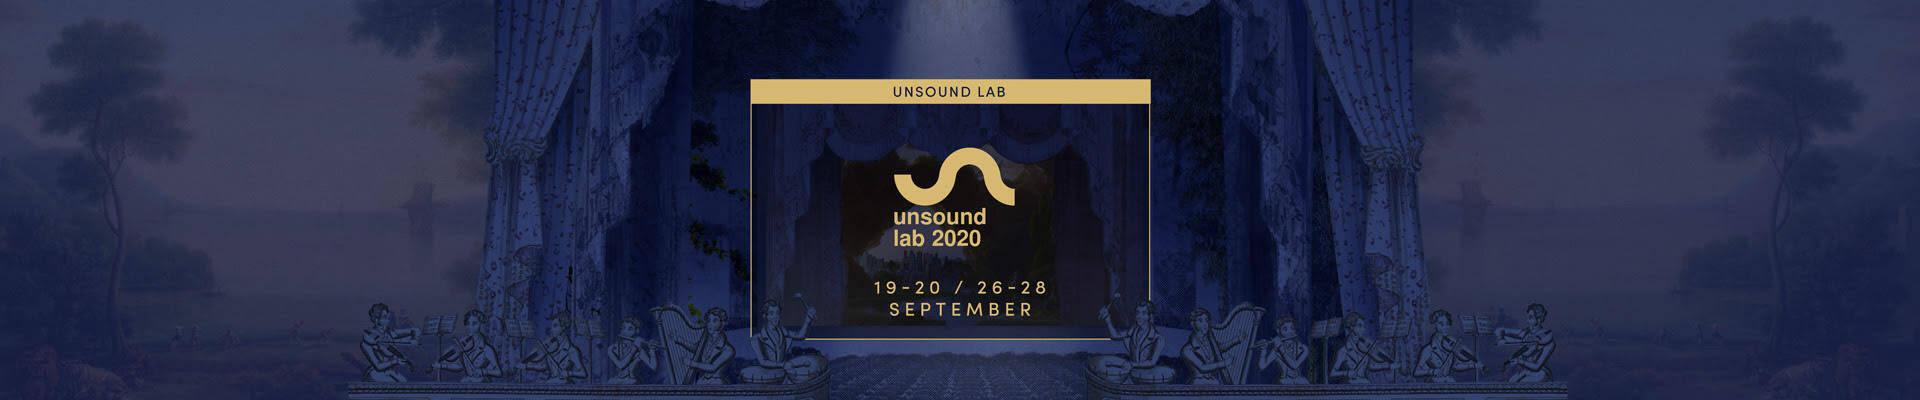 Unsound Lab 2020